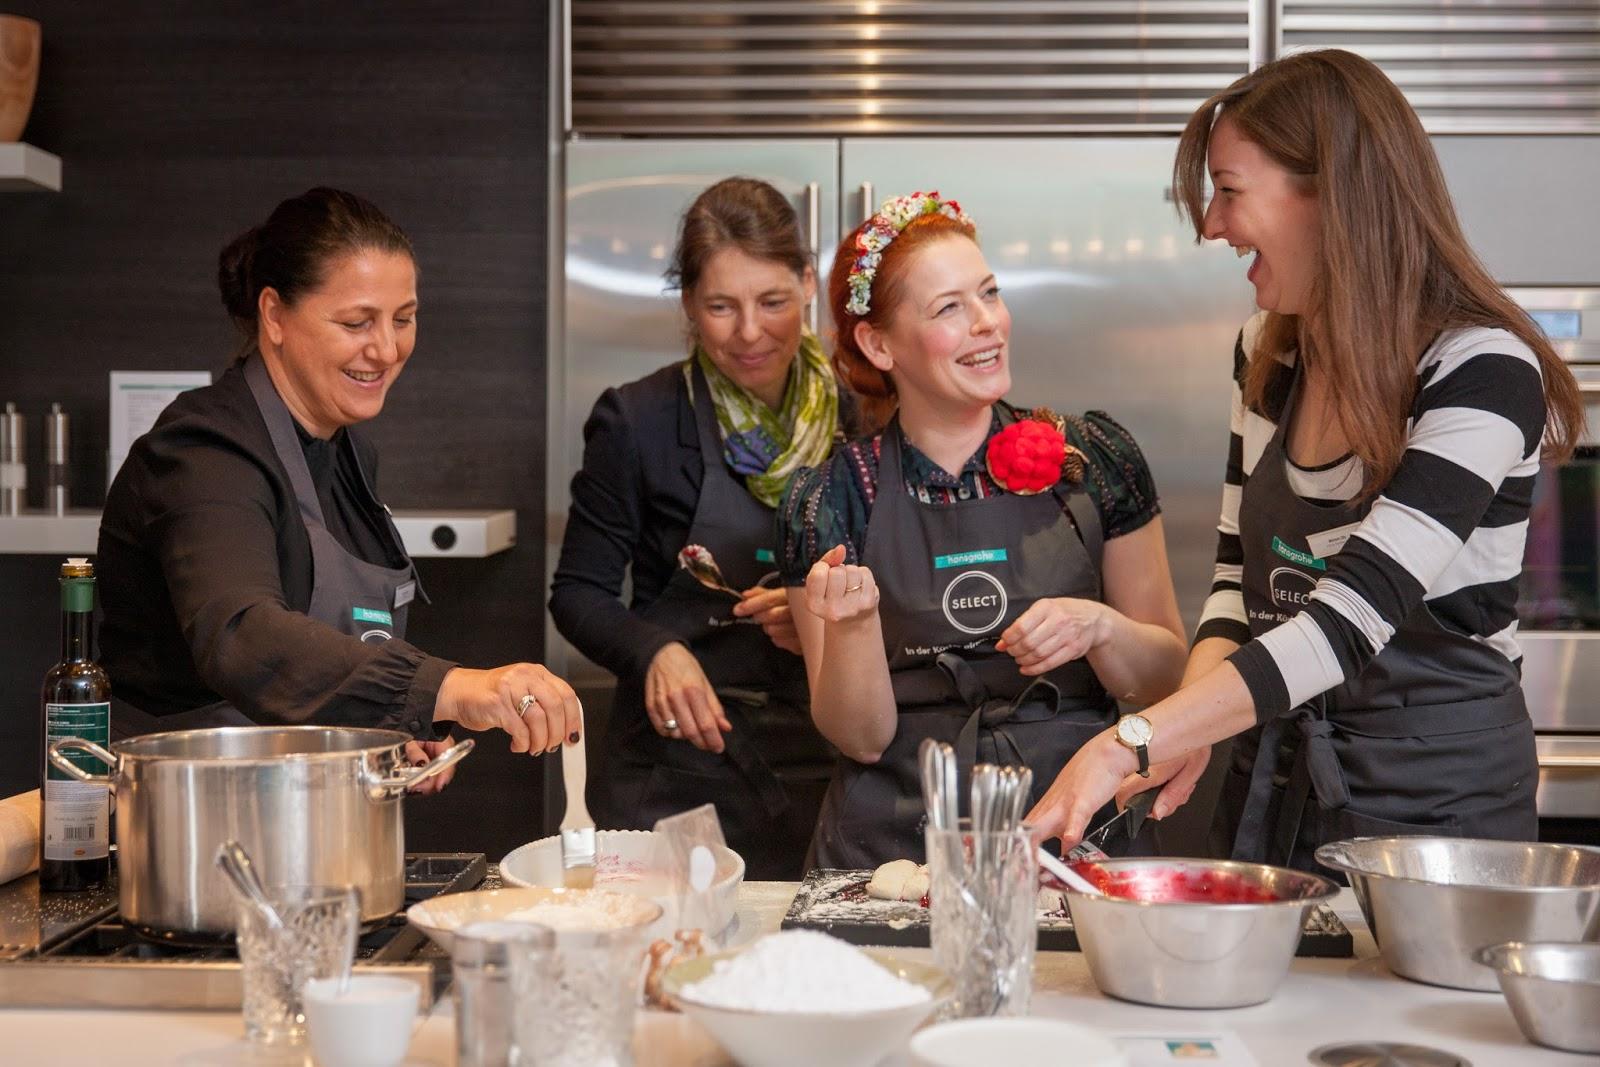 Miriam backt mit Enie und versaltzt ihr die Kirschschnecken | Arthurs Tochter kocht. Der Blog für Food, Wine, Travel & Love!